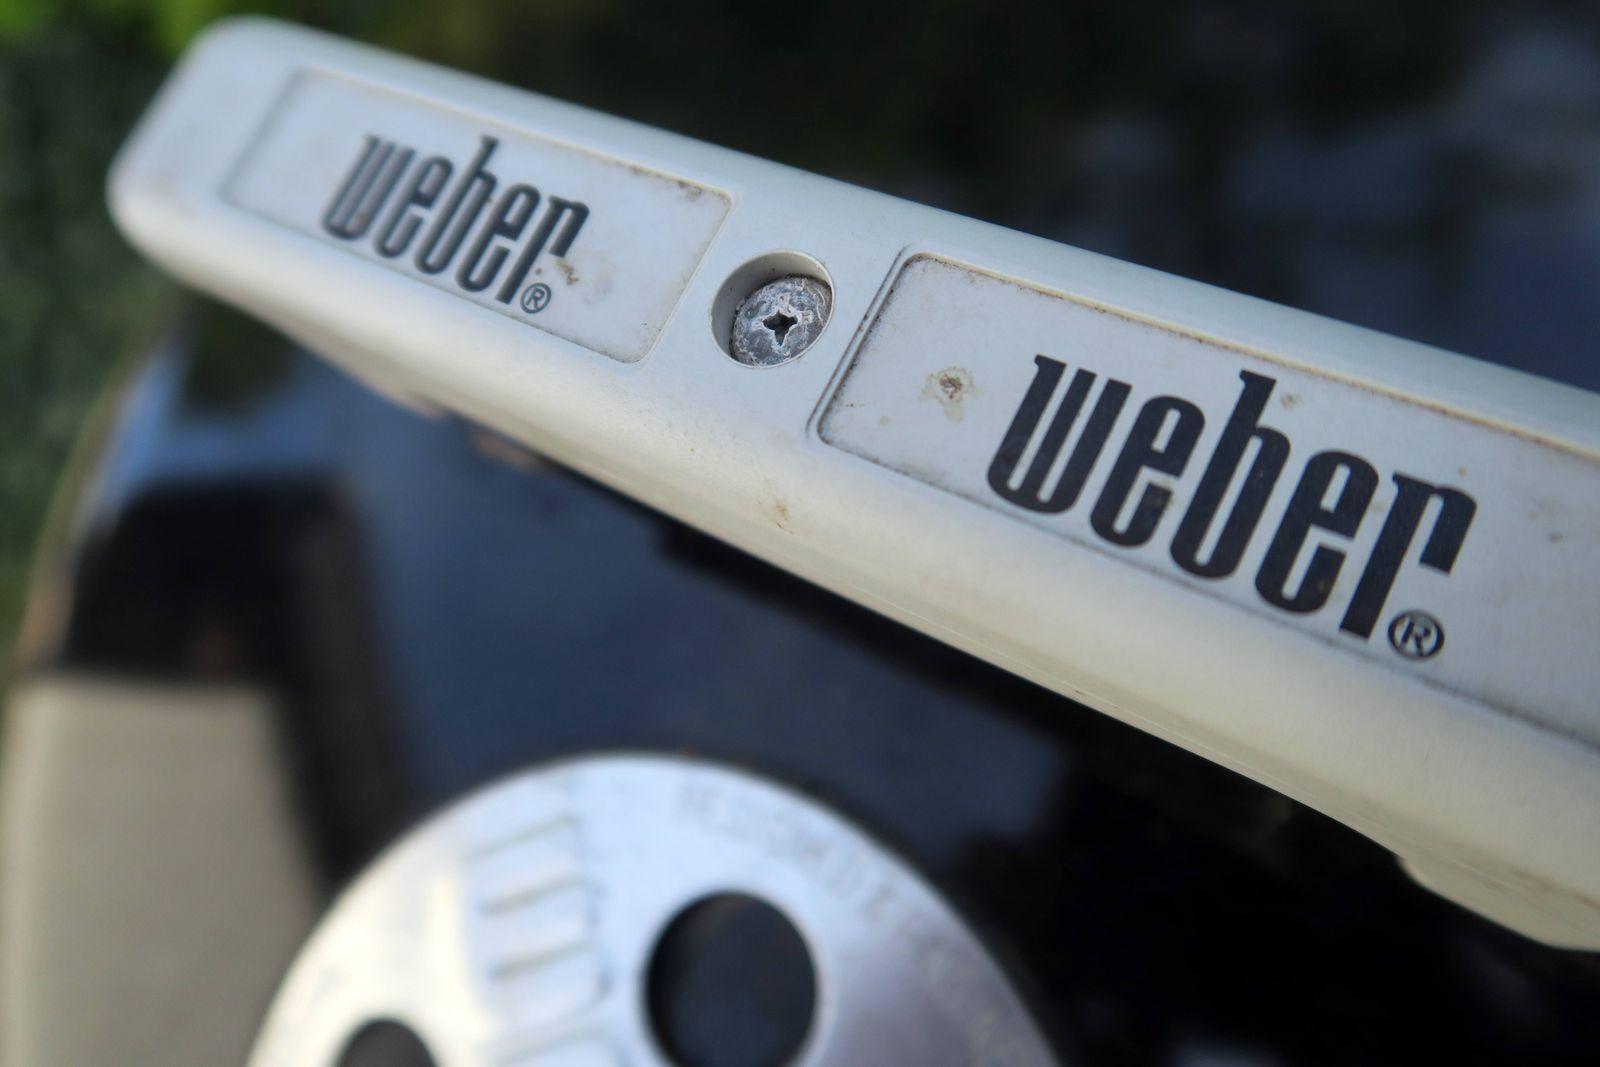 Der Schriftzug der Firma Weber ist am 06 05 2016 an einem Grill angebracht